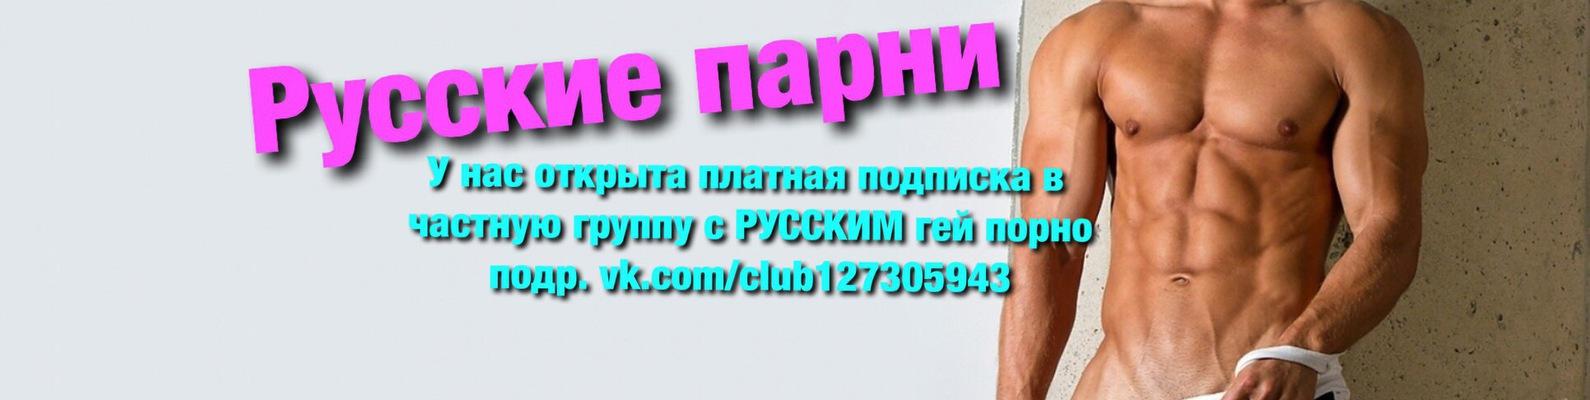 считаю, что правы. с латинками порно видео смотреть онлайн говори))))) Перефразируйте пожалуйста свое